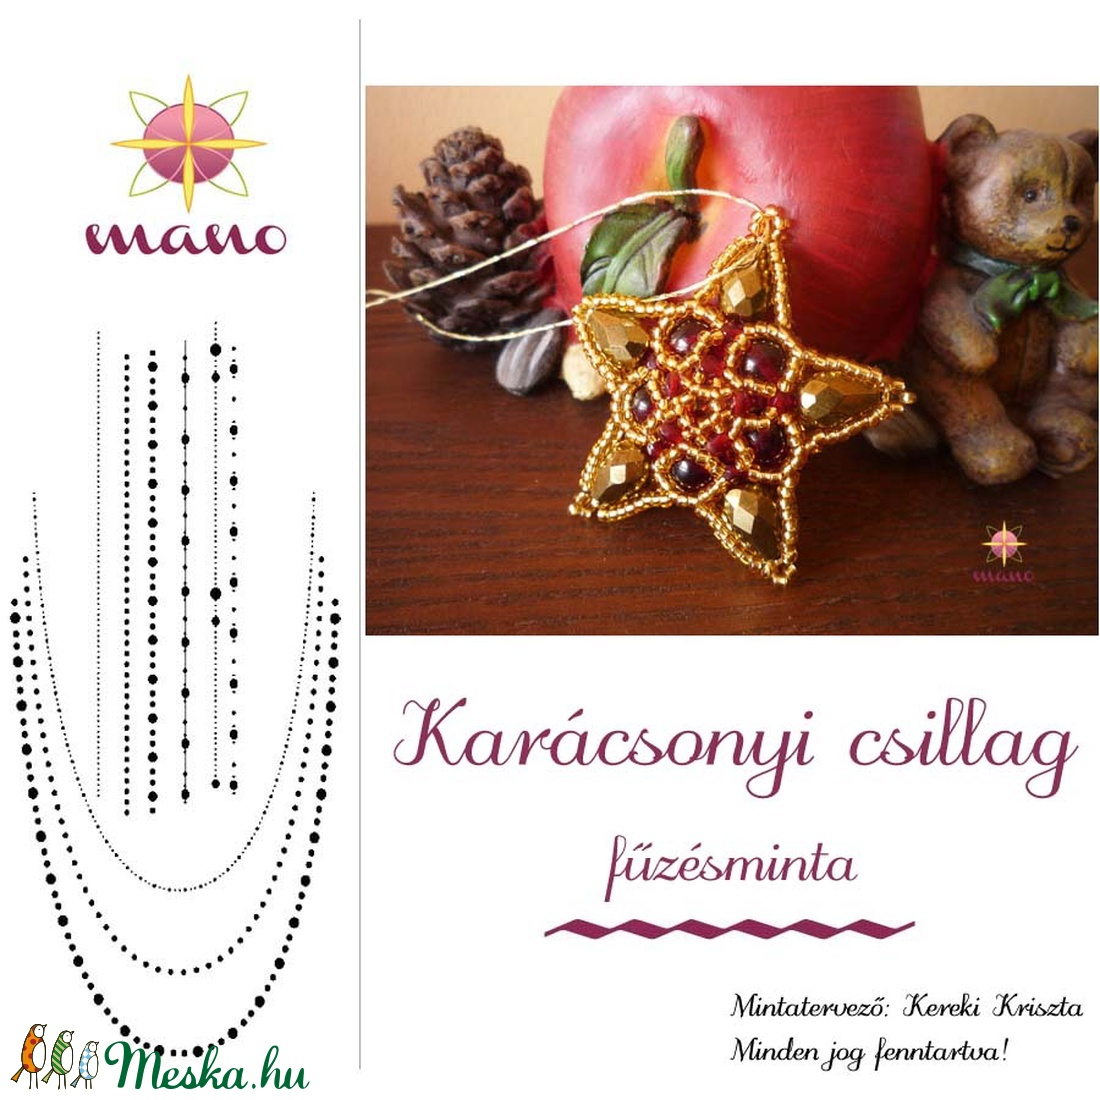 Karácsonyi csillag fűzésminta (KKriszta) - Meska.hu